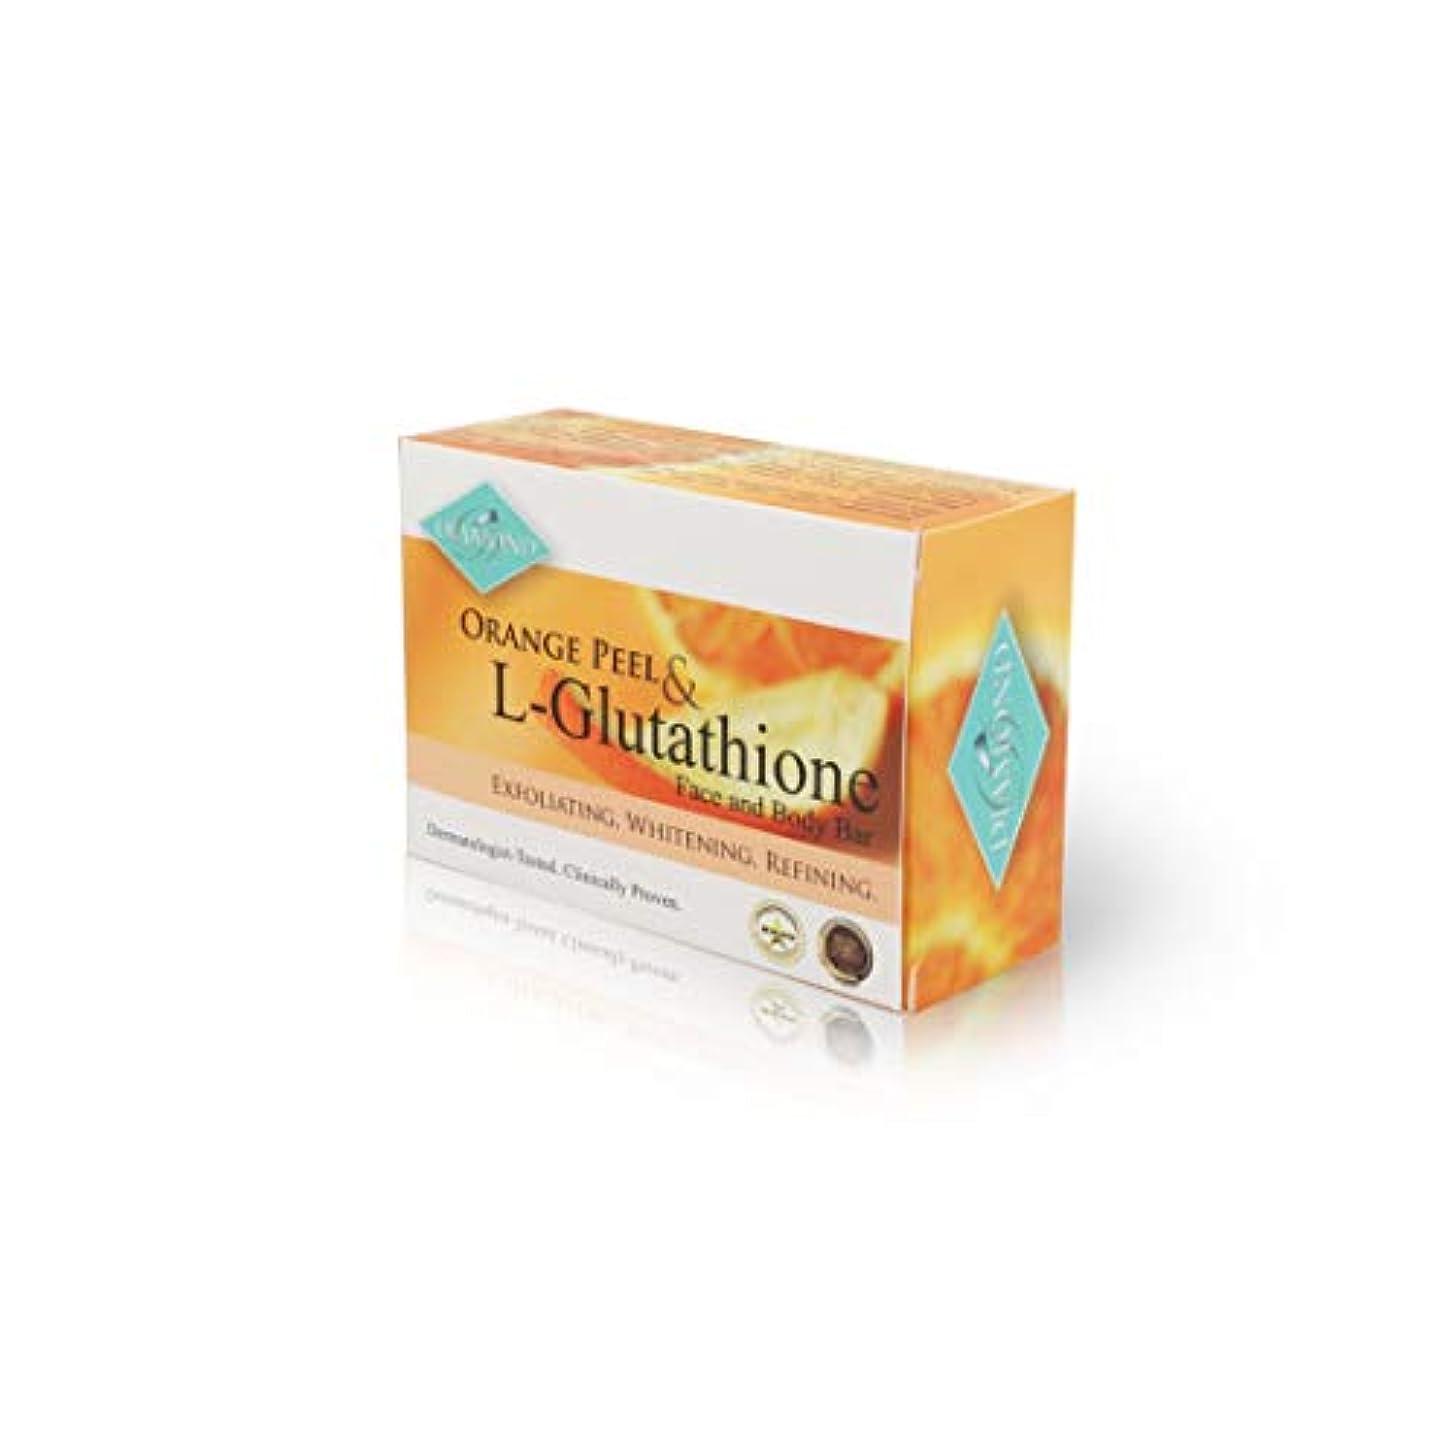 立証するピアース道徳のDIAMOND ORANGE PEEL&Glutathione soap/オレンジピール&グルタチオン配合ソープ(美容石けん) 150g 正規輸入品